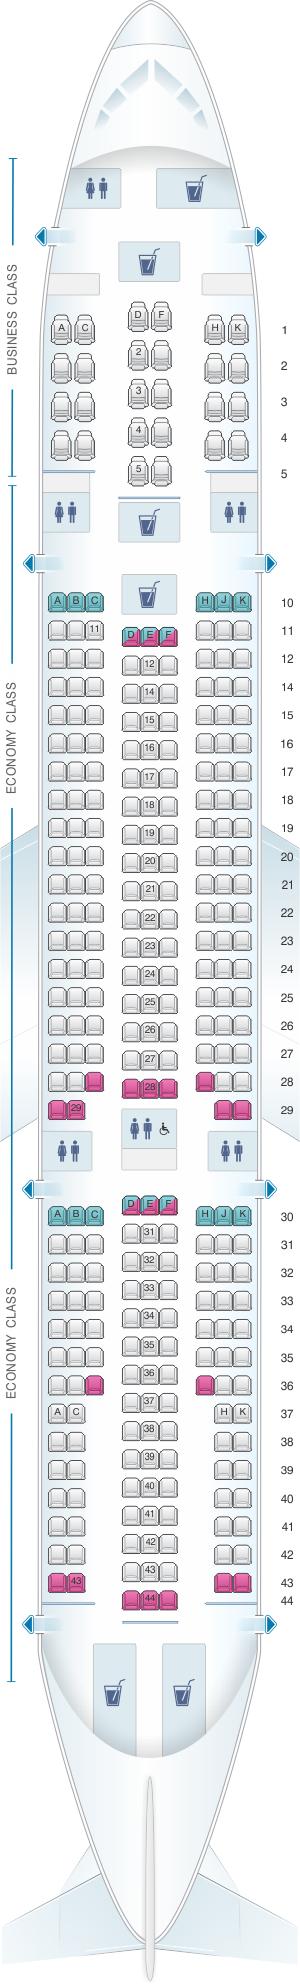 Plan De Cabine Corsair Airbus A330 200 Seatmaestro Fr